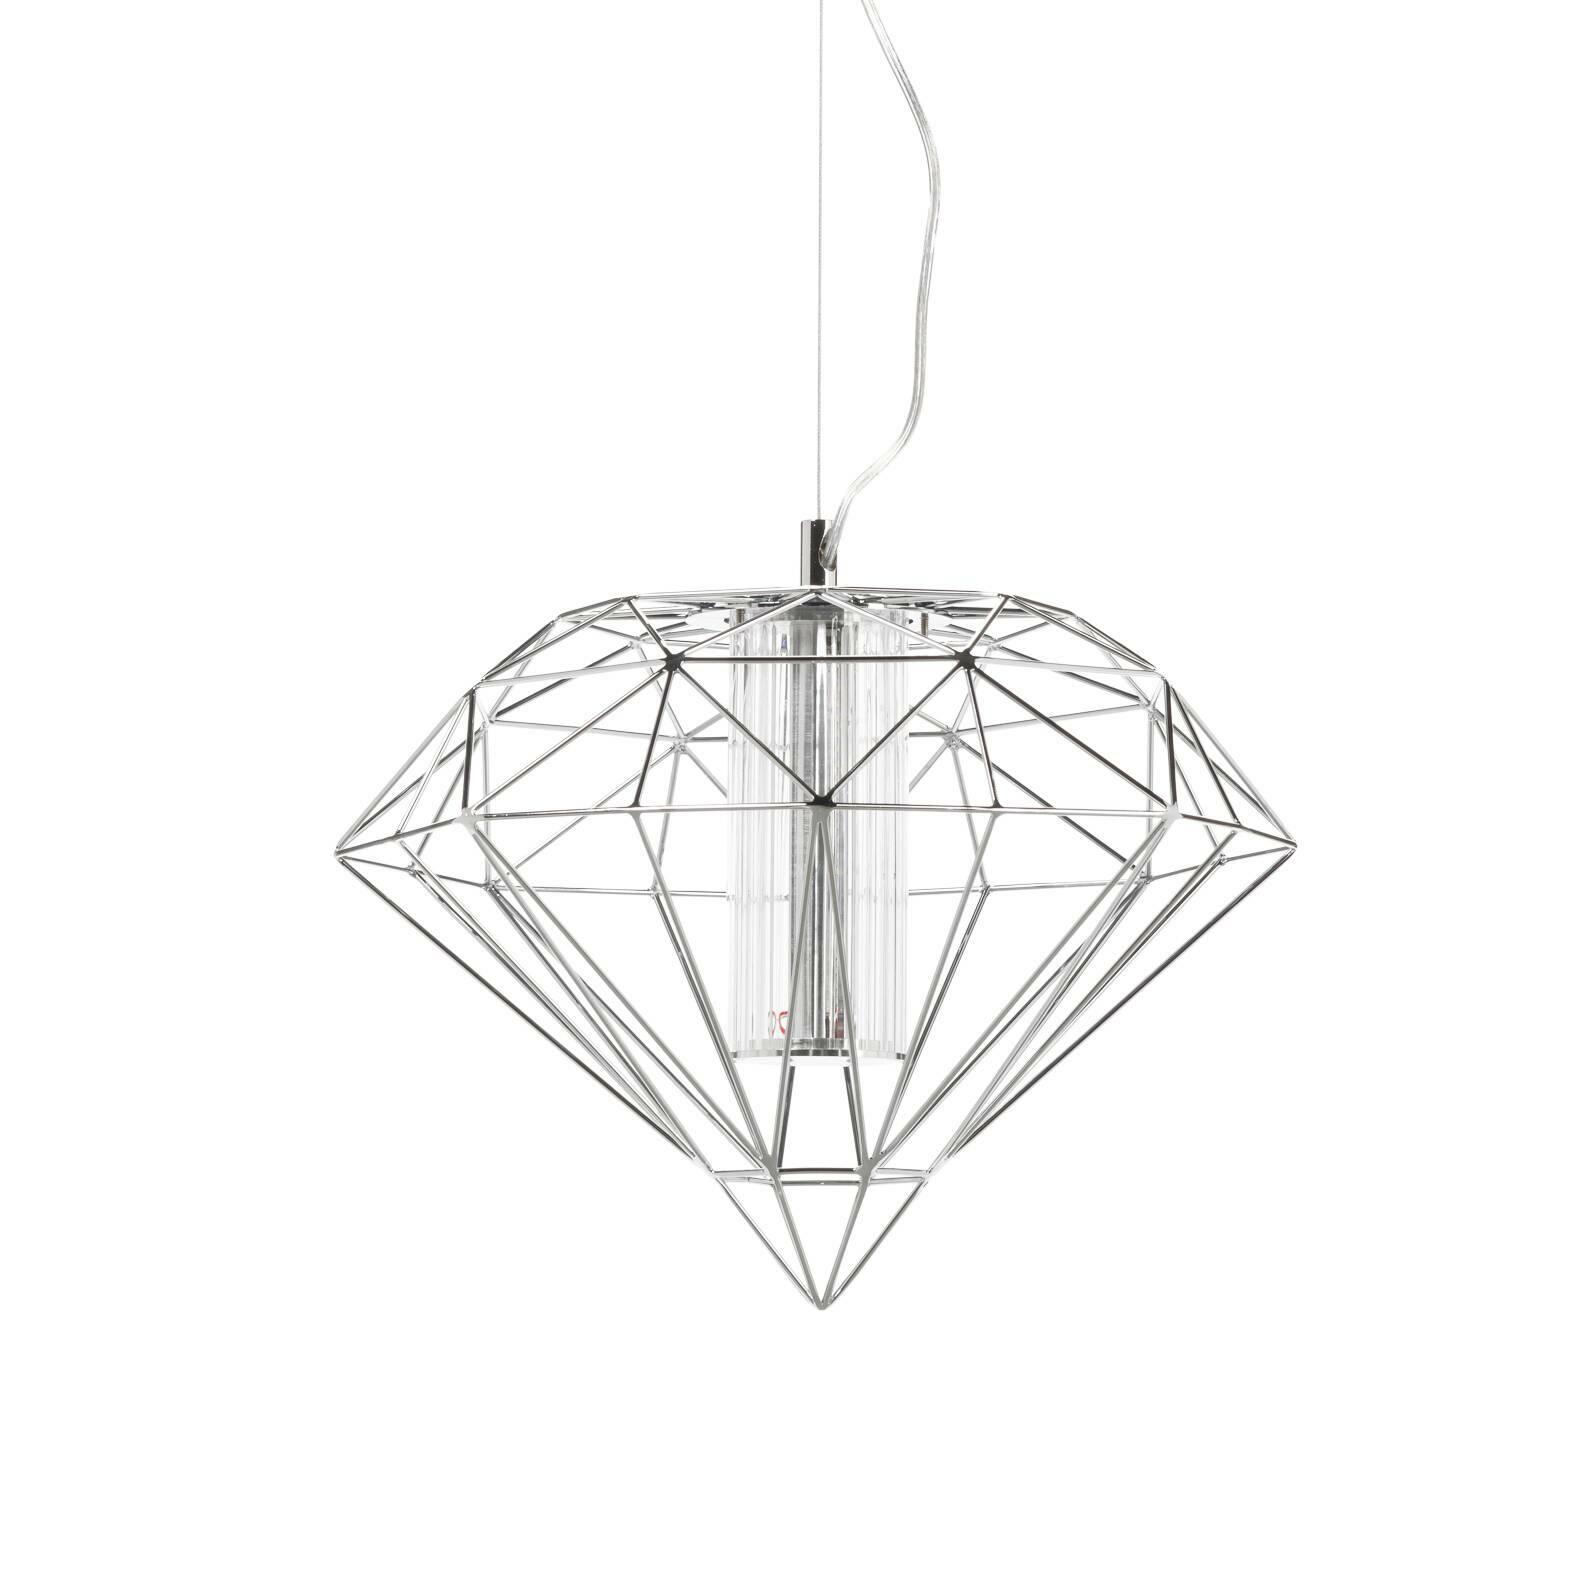 Подвесной светильник Polyhedra диаметр 40Подвесные<br>Будьте оригинальными в интерьере! Освещение в гостиной уже давно не требует внушительных и громоздких люстр, а кто-то и вовсе отказывается от верхнего света, заменив его торшерами, бра и локальными лампами. Если все же вам по душе привычный способ, но классика уже приелась, то обратите внимание на подвесной светильник Polyhedra диаметр 40.<br><br><br> Дизайнеры соединили в нем фантазийную металлическую оплетку, традиционную форму и актуальный медно-золотистый оттенок (в другом варианте это цве...<br><br>stock: 0<br>Высота: 180<br>Диаметр: 40<br>Материал абажура: Металл<br>Ламп в комплекте: Нет<br>Напряжение: 220<br>Тип лампы/цоколь: LED<br>Цвет абажура: Хром